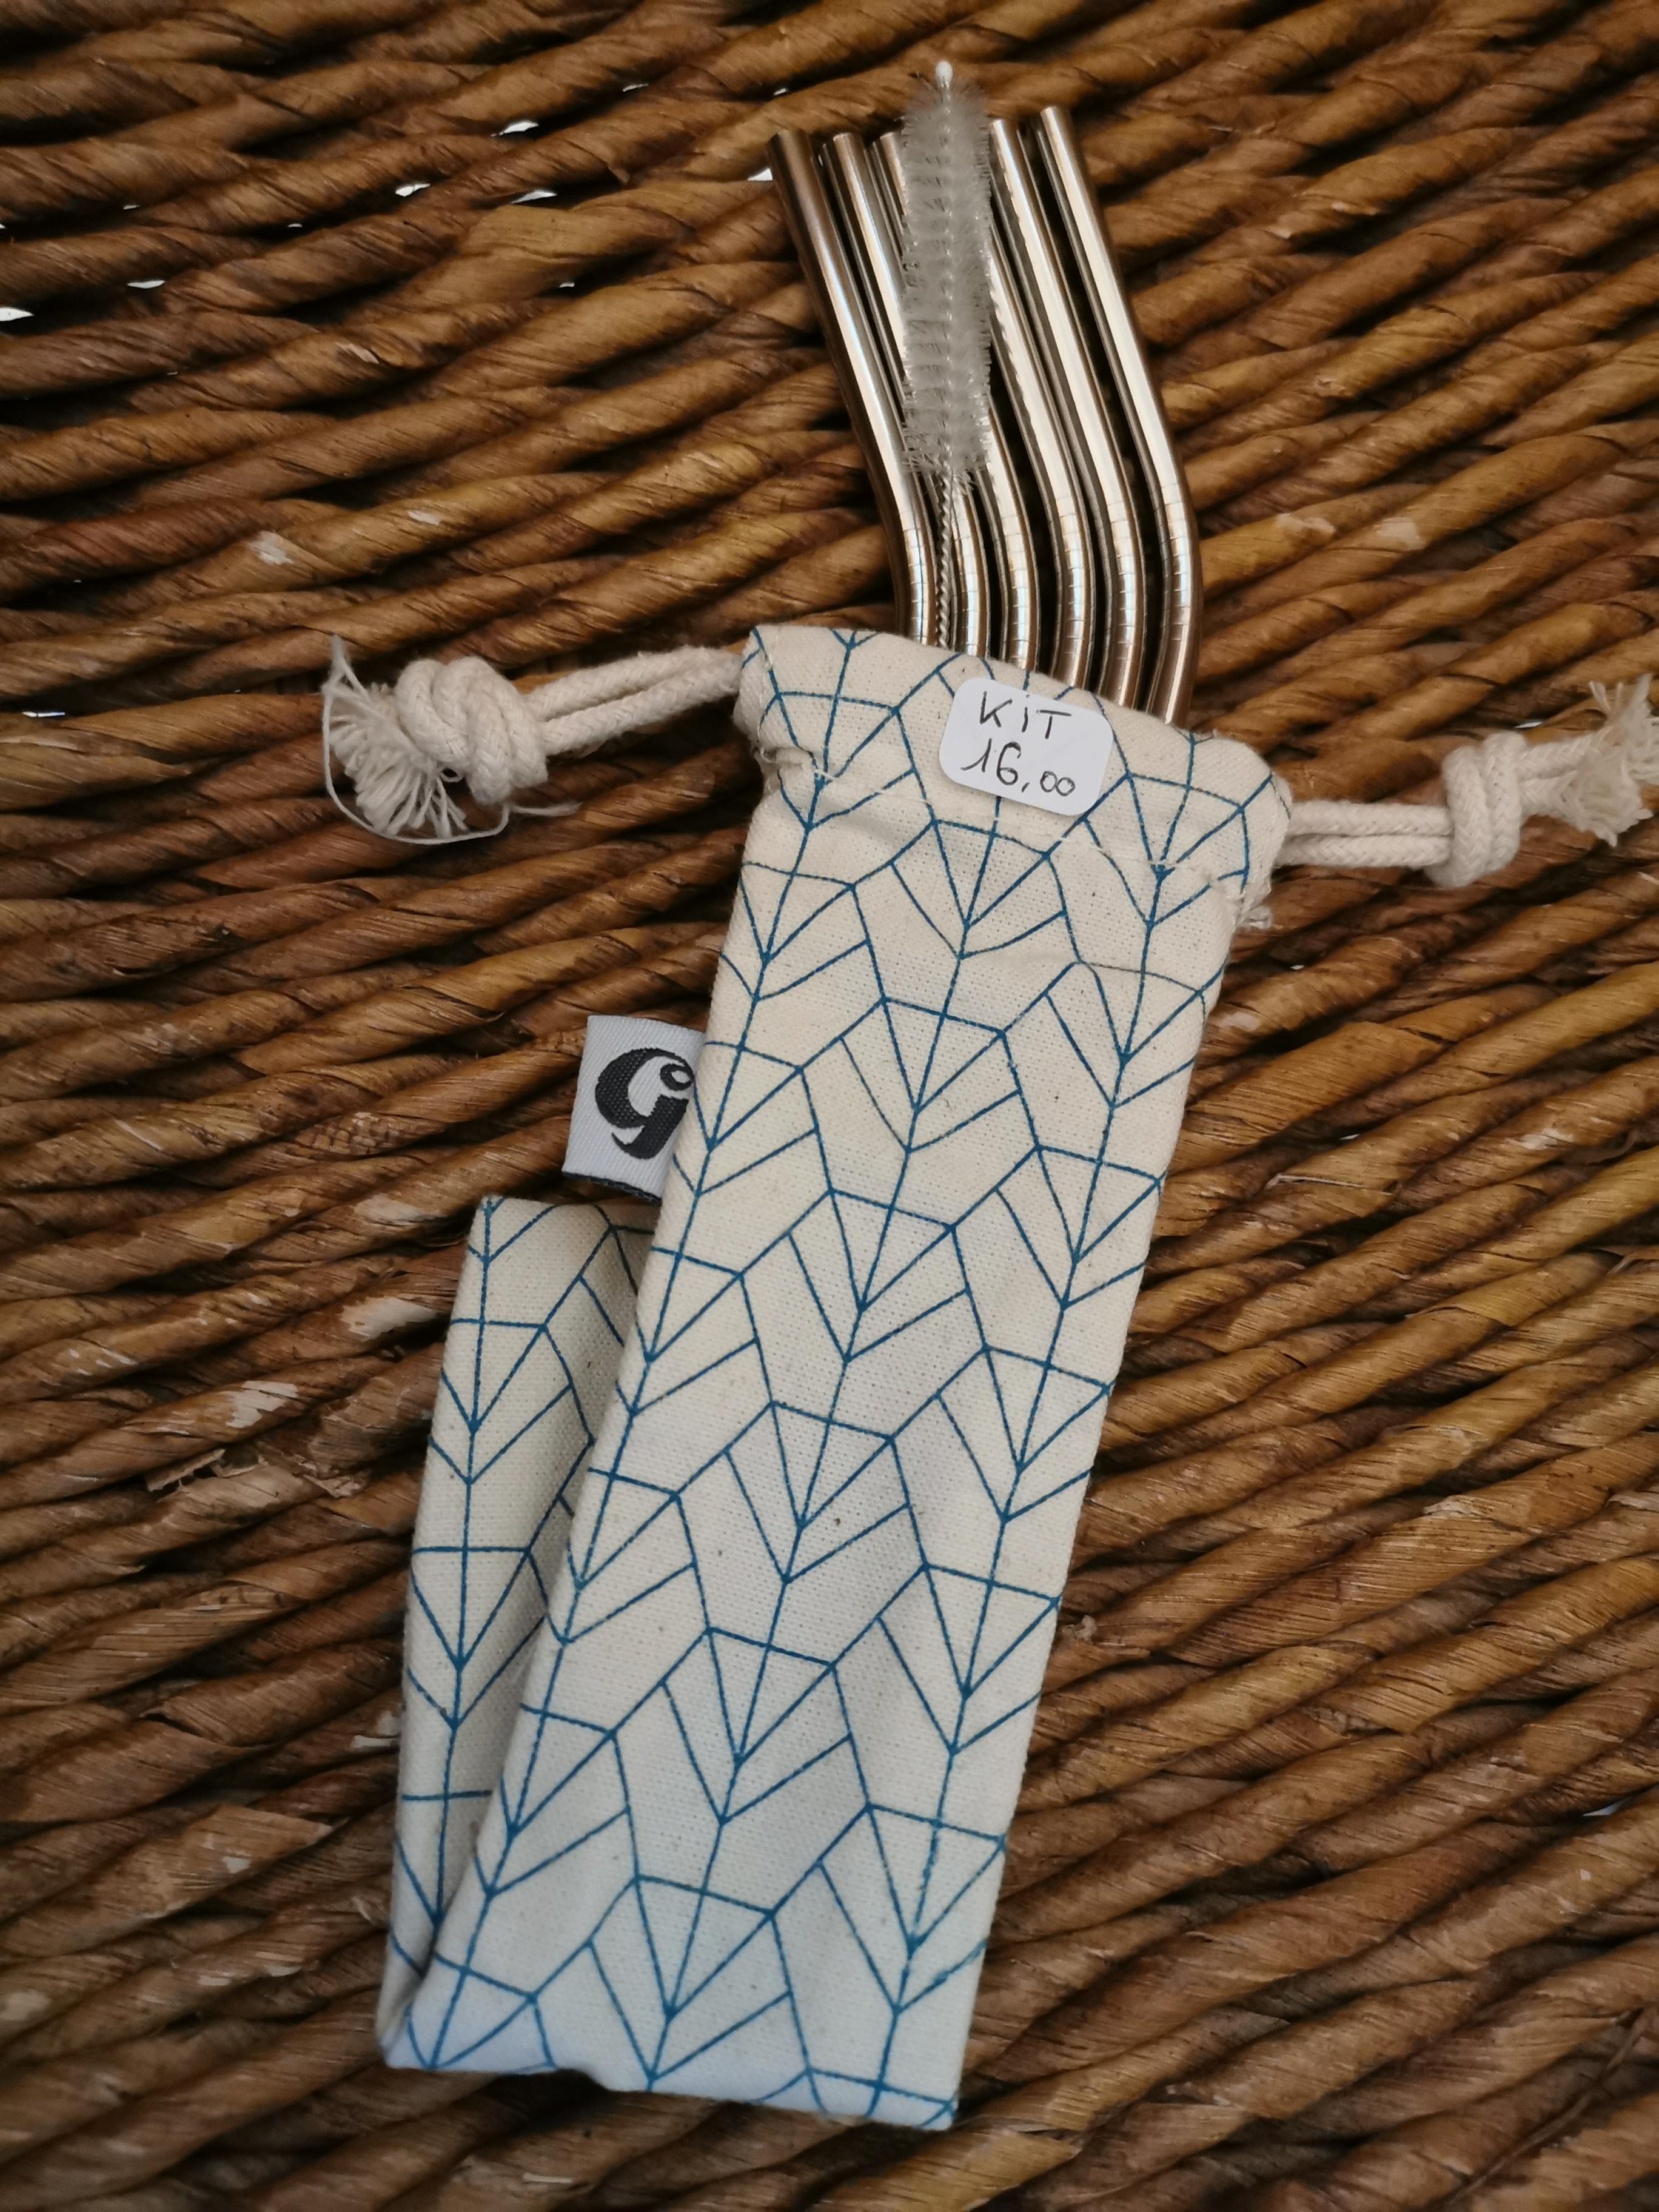 KIT PAILLES 1 - 6 pailles coudées, un goupillon, une pochette - 14,50€